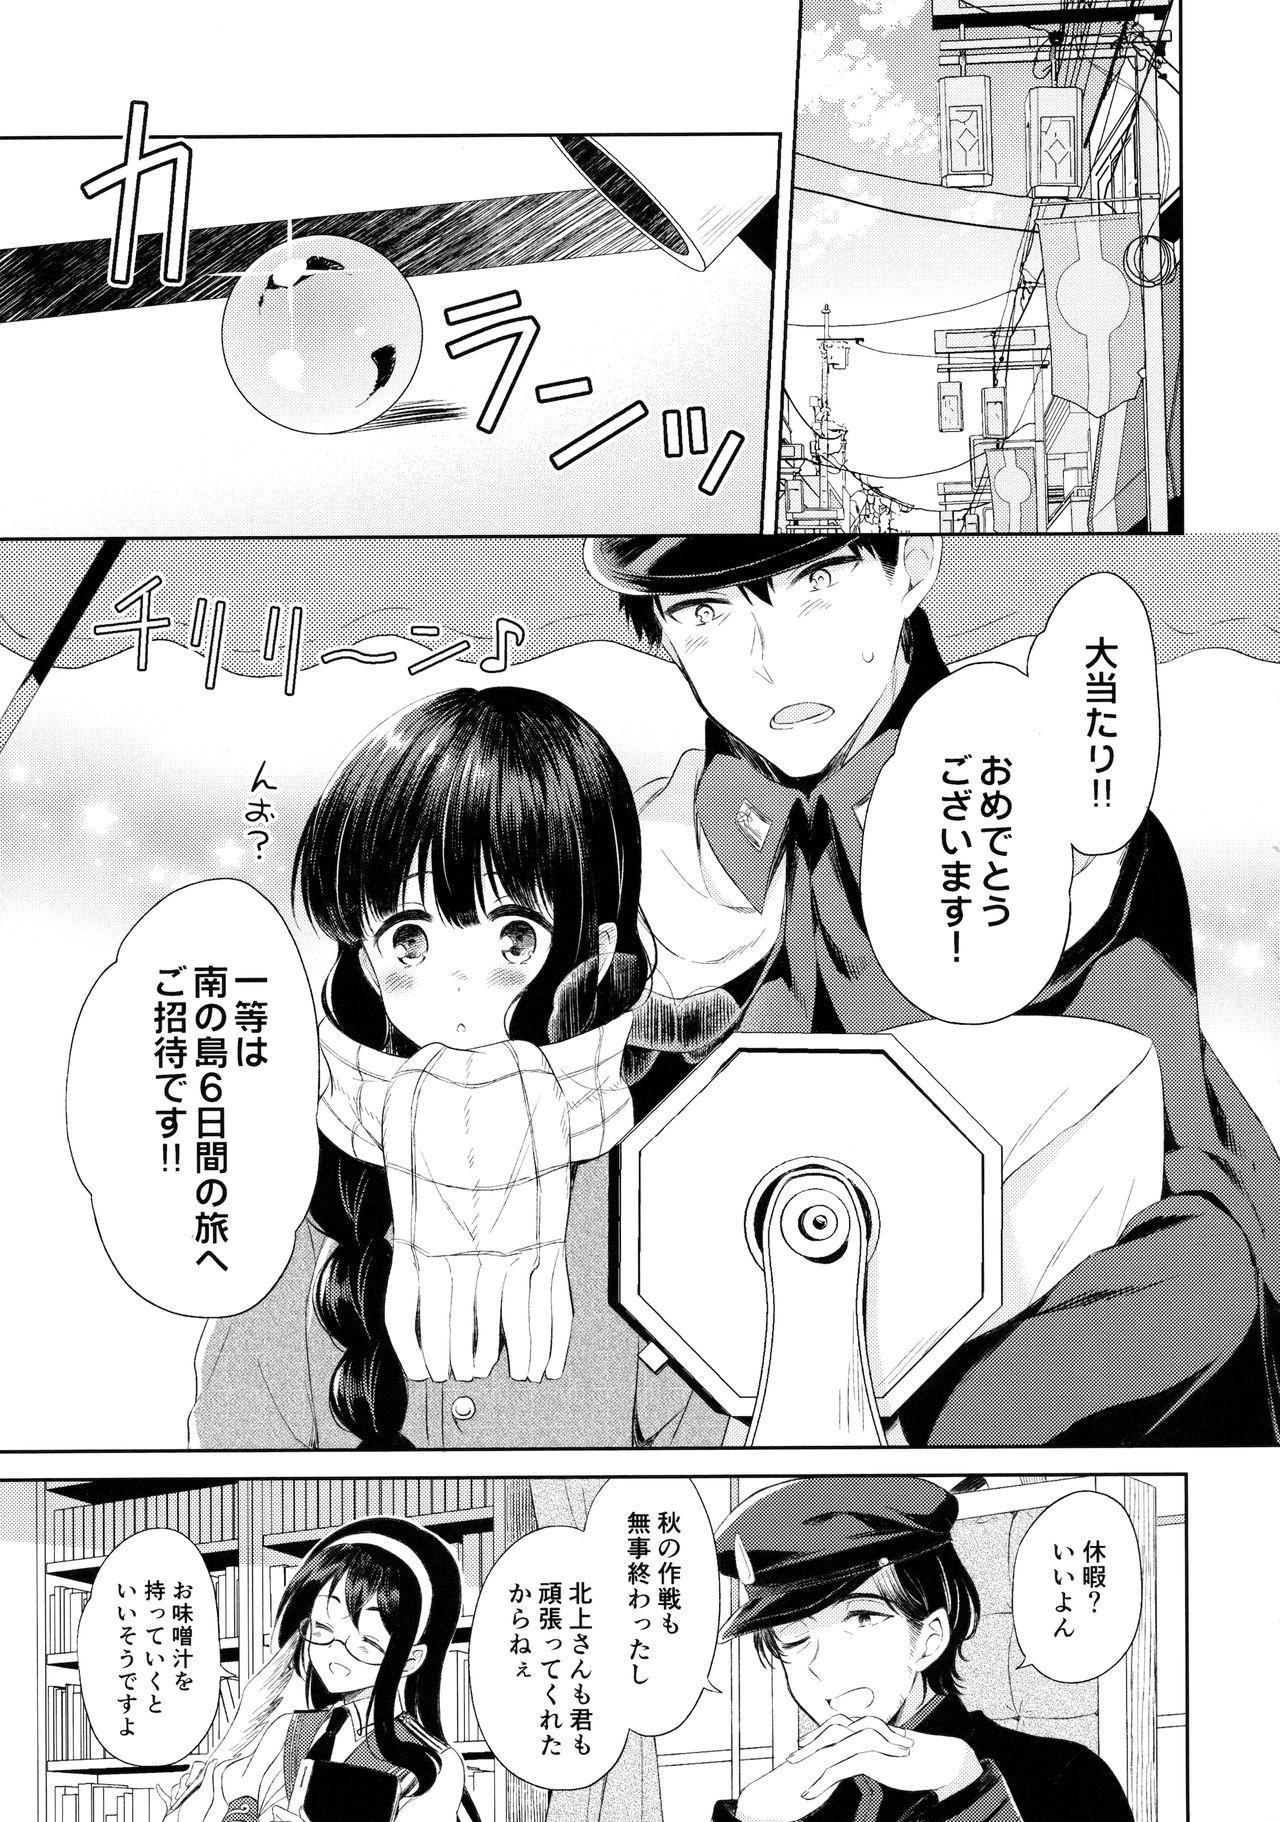 Minami no Shima no Kitakami-san 5